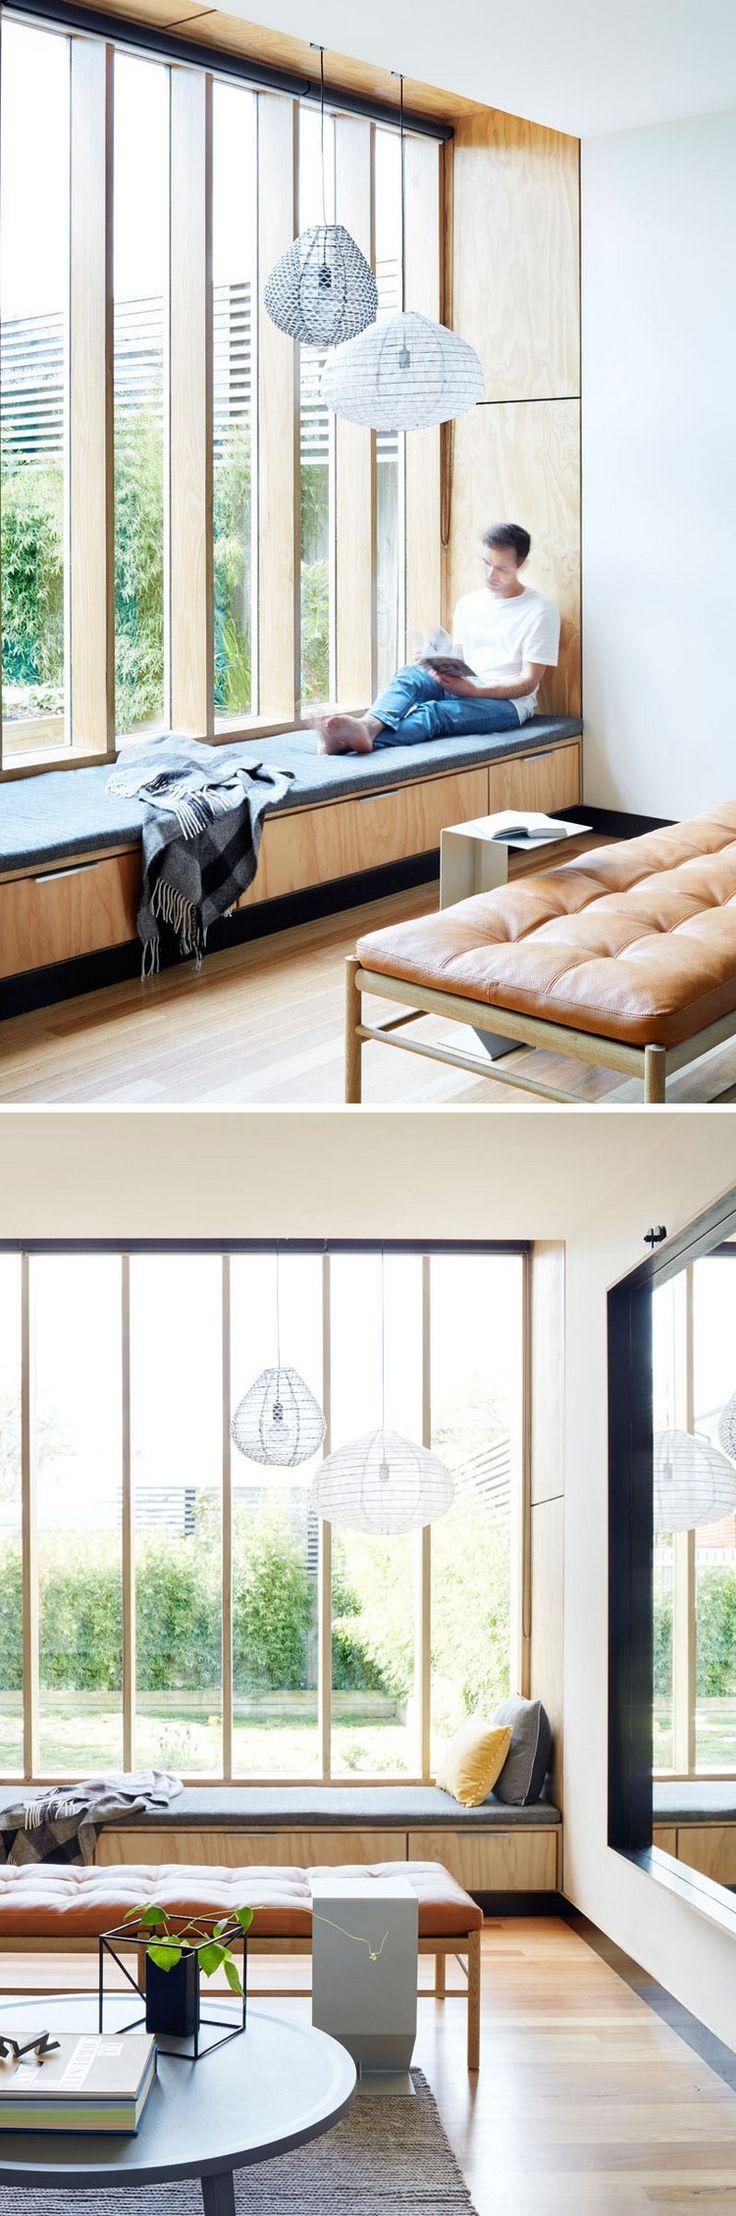 die besten 25 haus umbau ideen auf pinterest bad. Black Bedroom Furniture Sets. Home Design Ideas